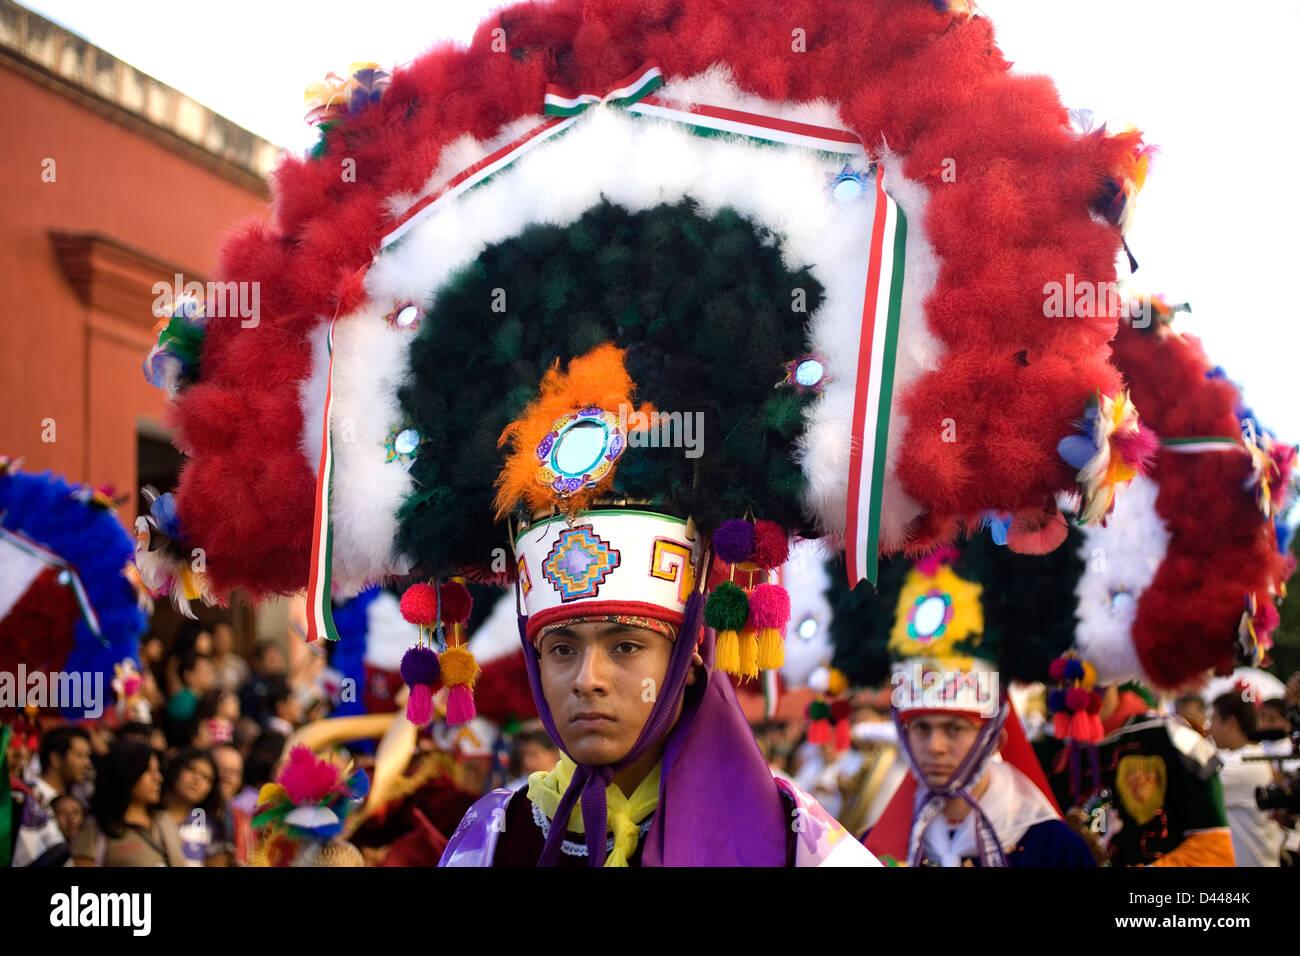 Un bailarín realiza la danza de la pluma o la Danza de la pluma durante el desfile de la Guelaguetza en Oaxaca, Imagen De Stock